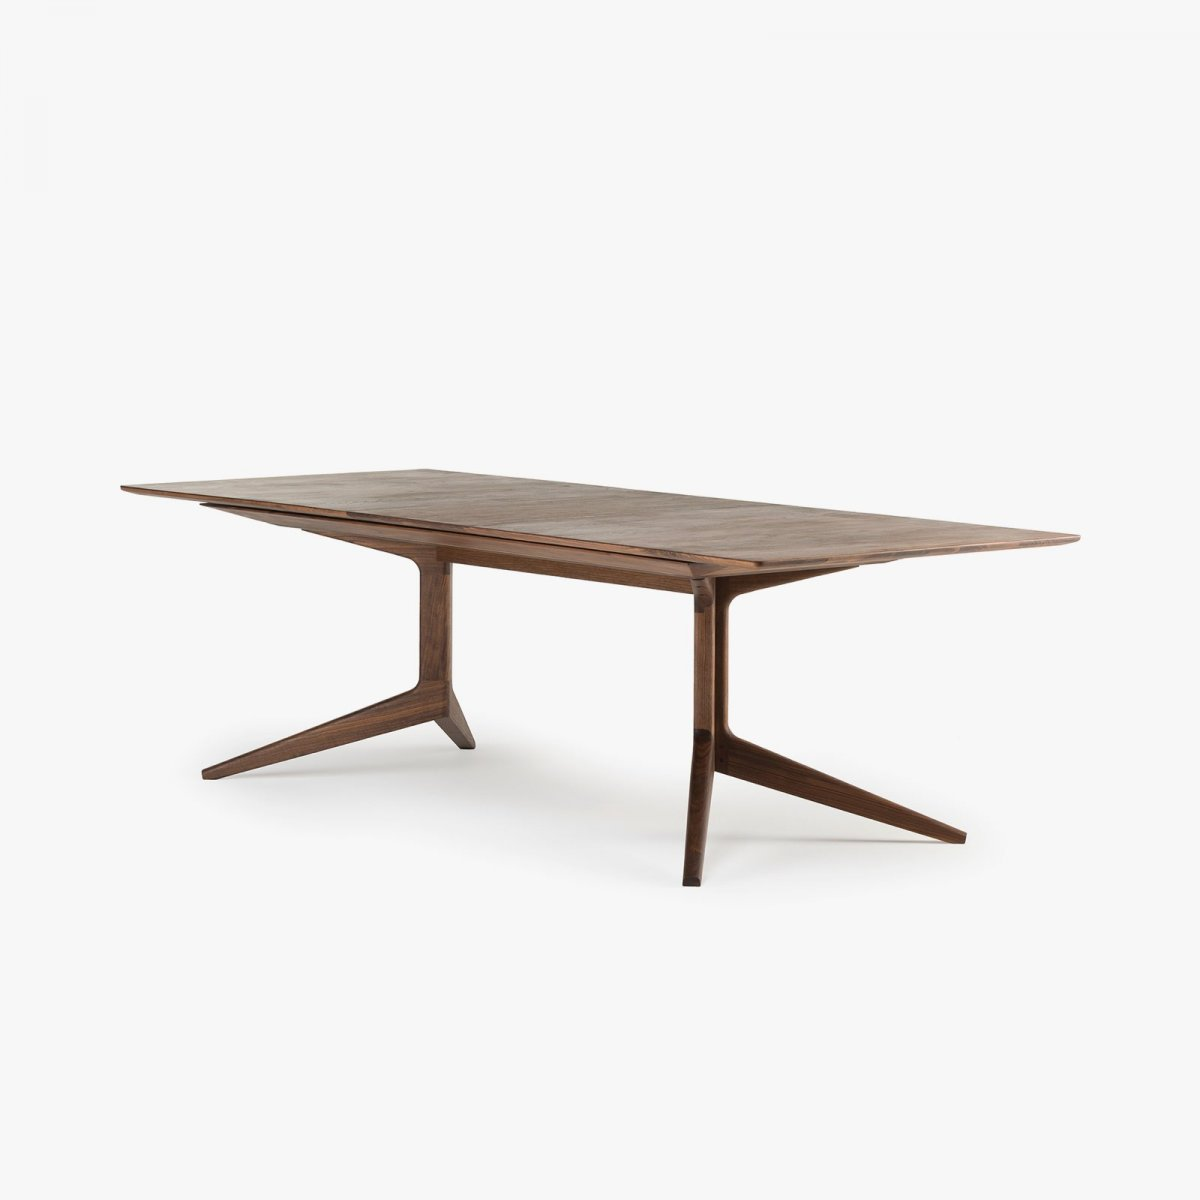 341E Light Extending Table in Danish oiled walnut.